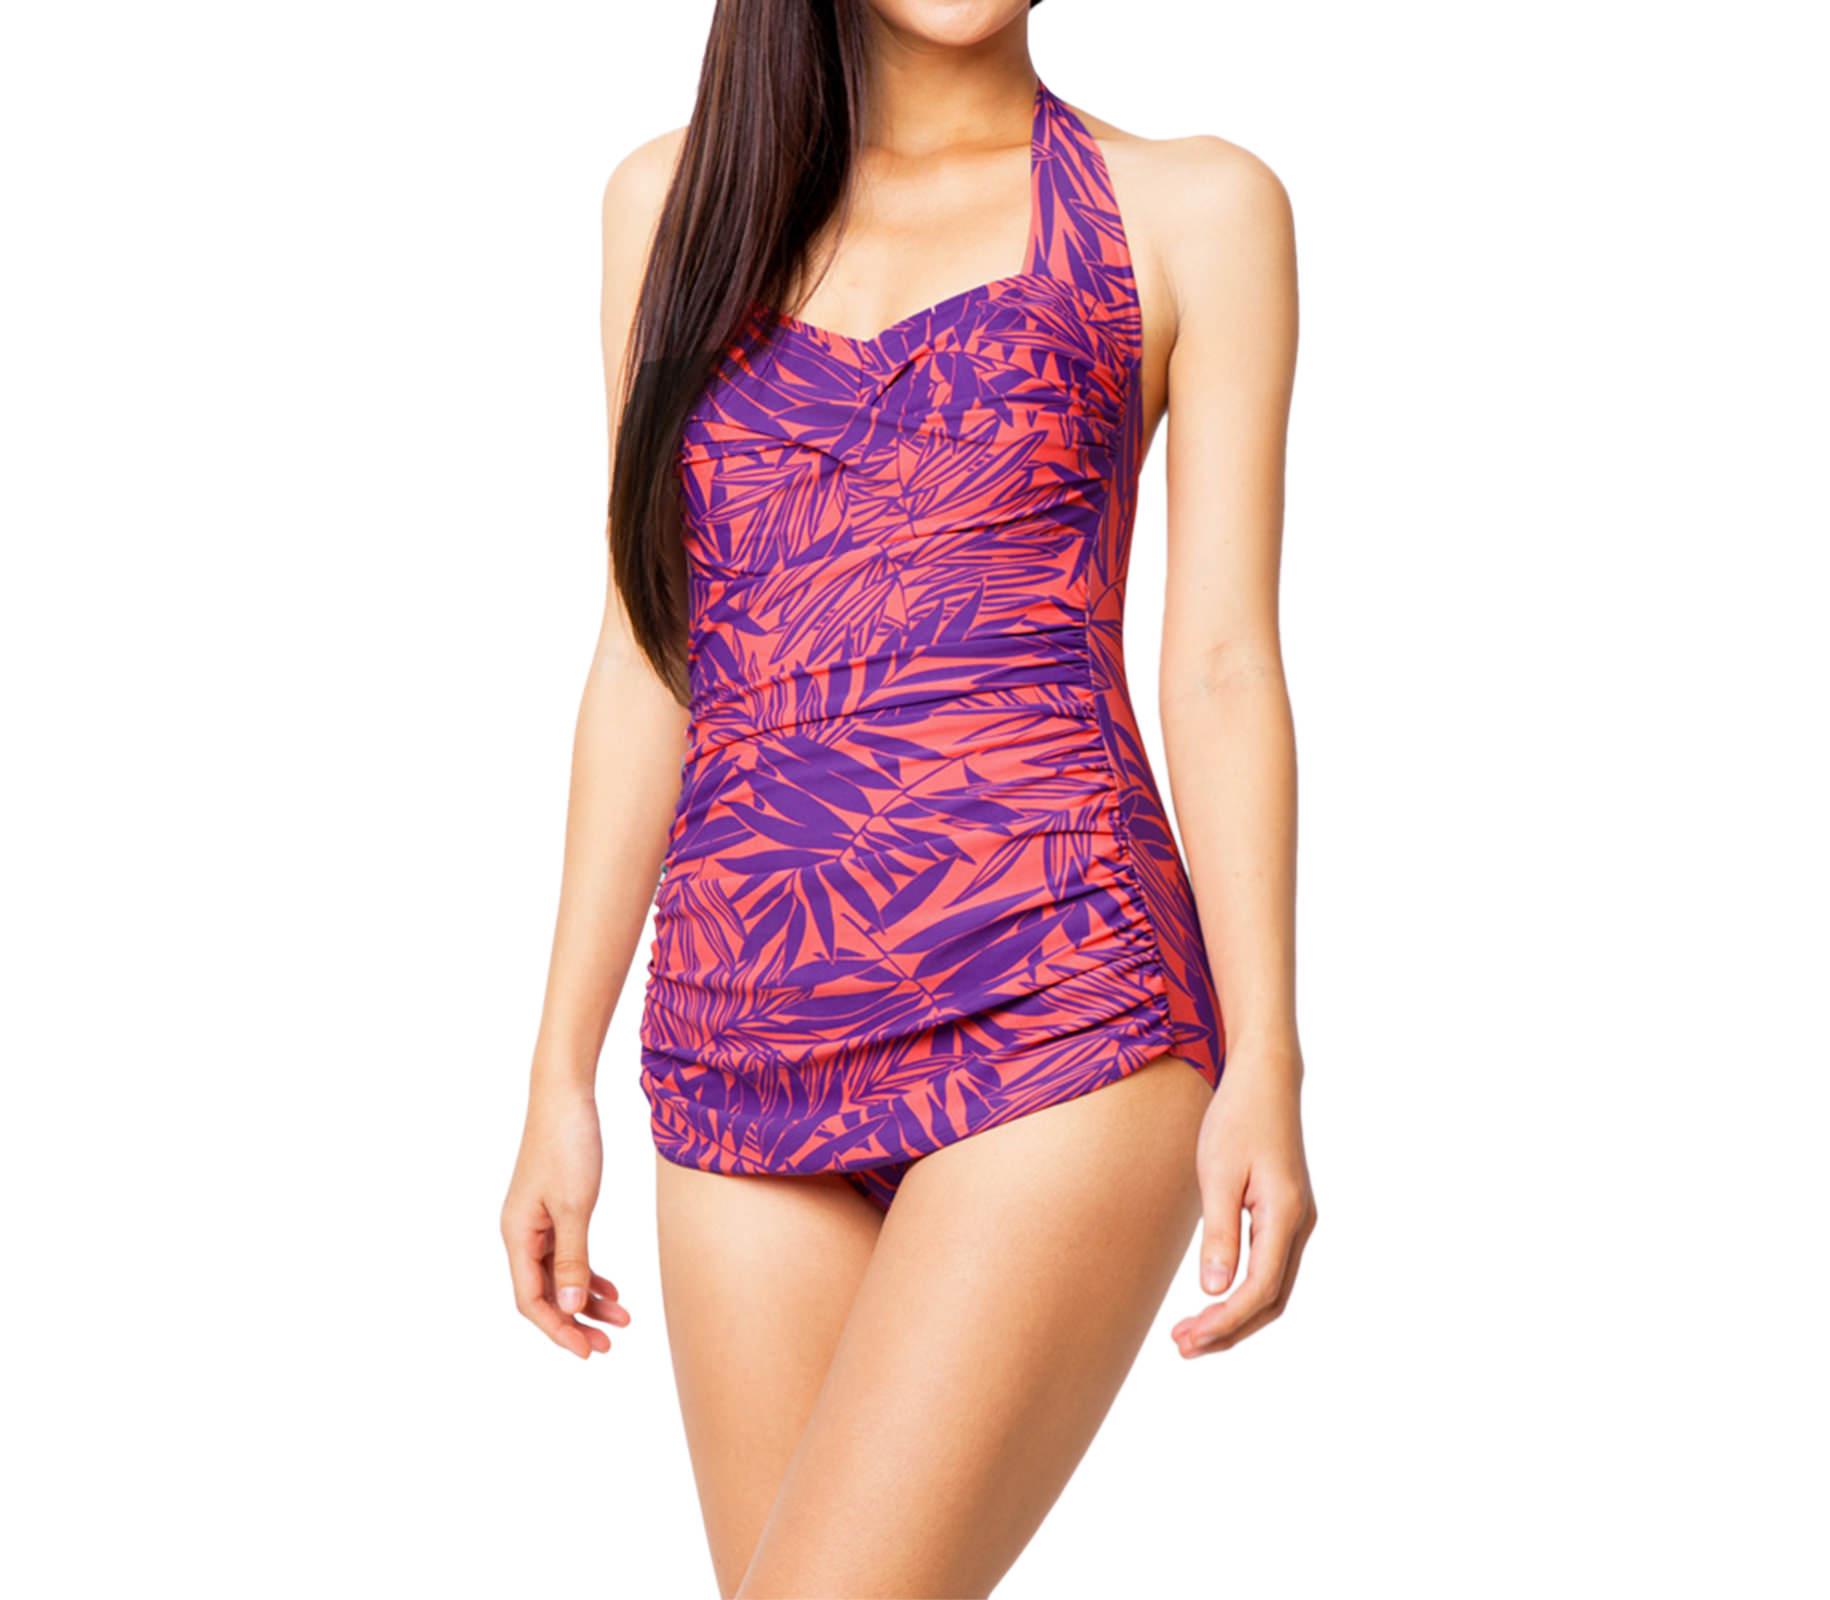 Đồ bơi nữ 1 mảnh Legsuits LH 30033 - 6523